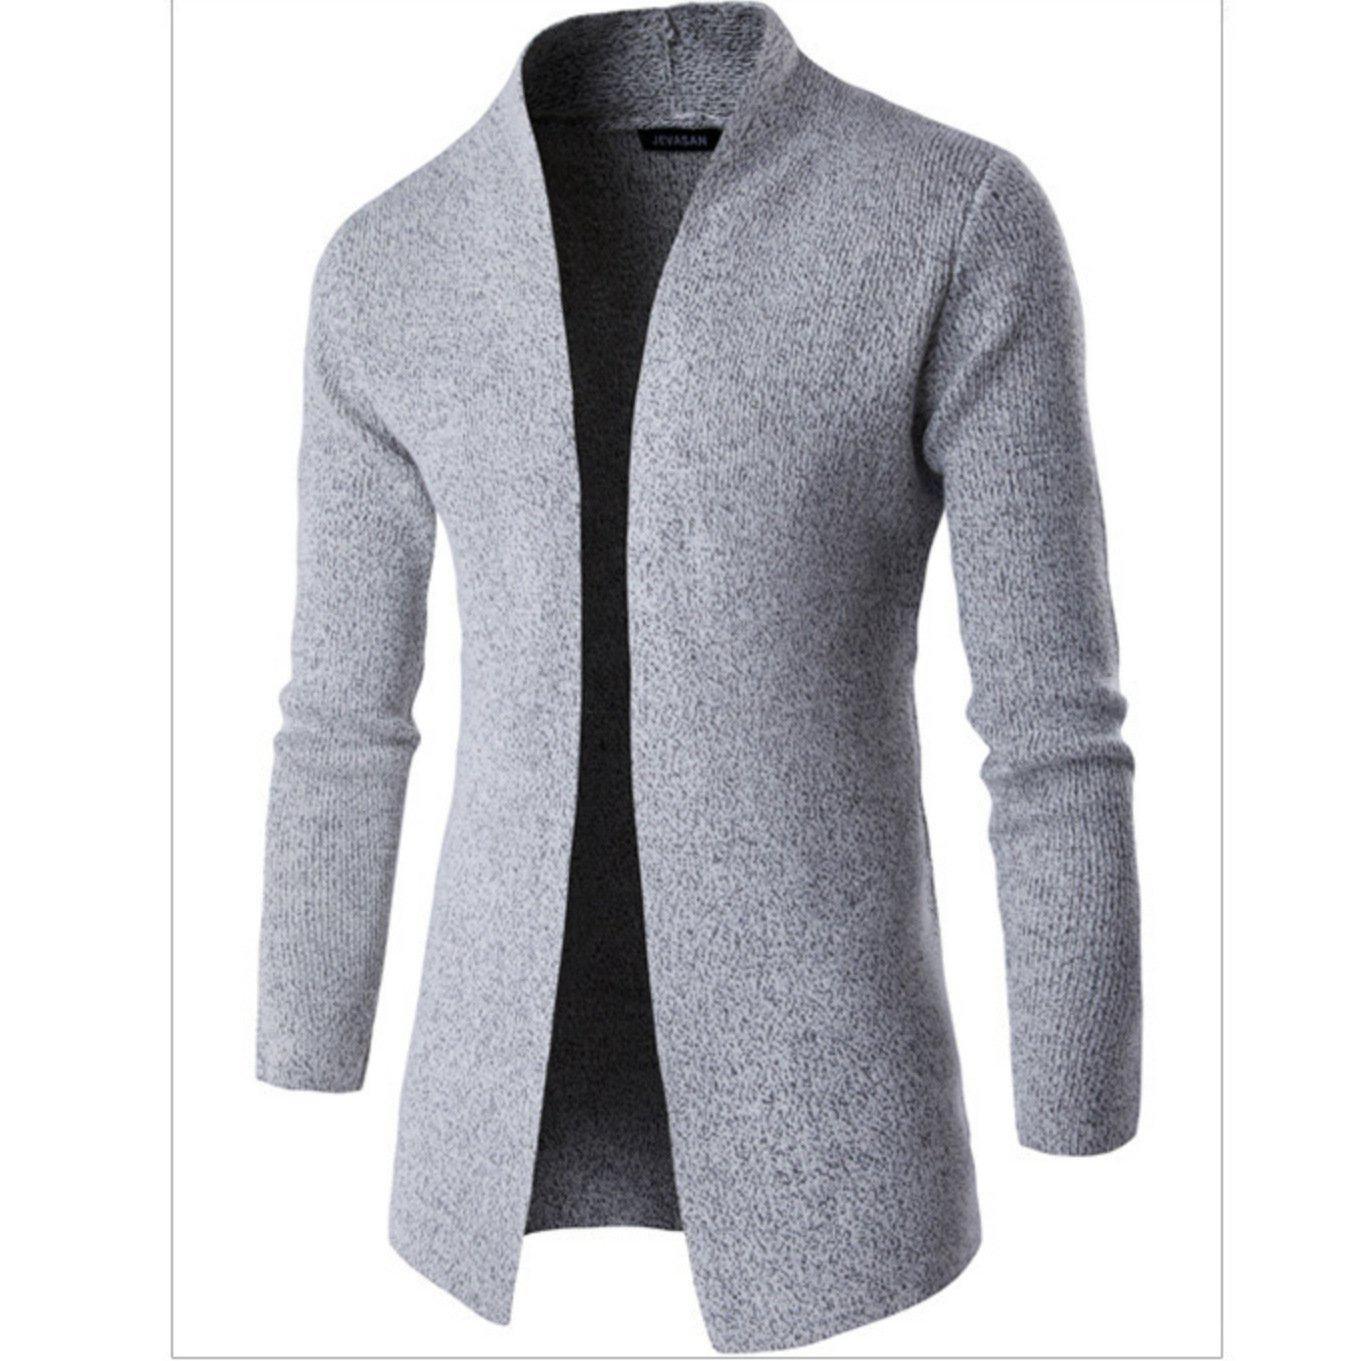 Fashion winter plain knit sweater coat in 2021 knitwear